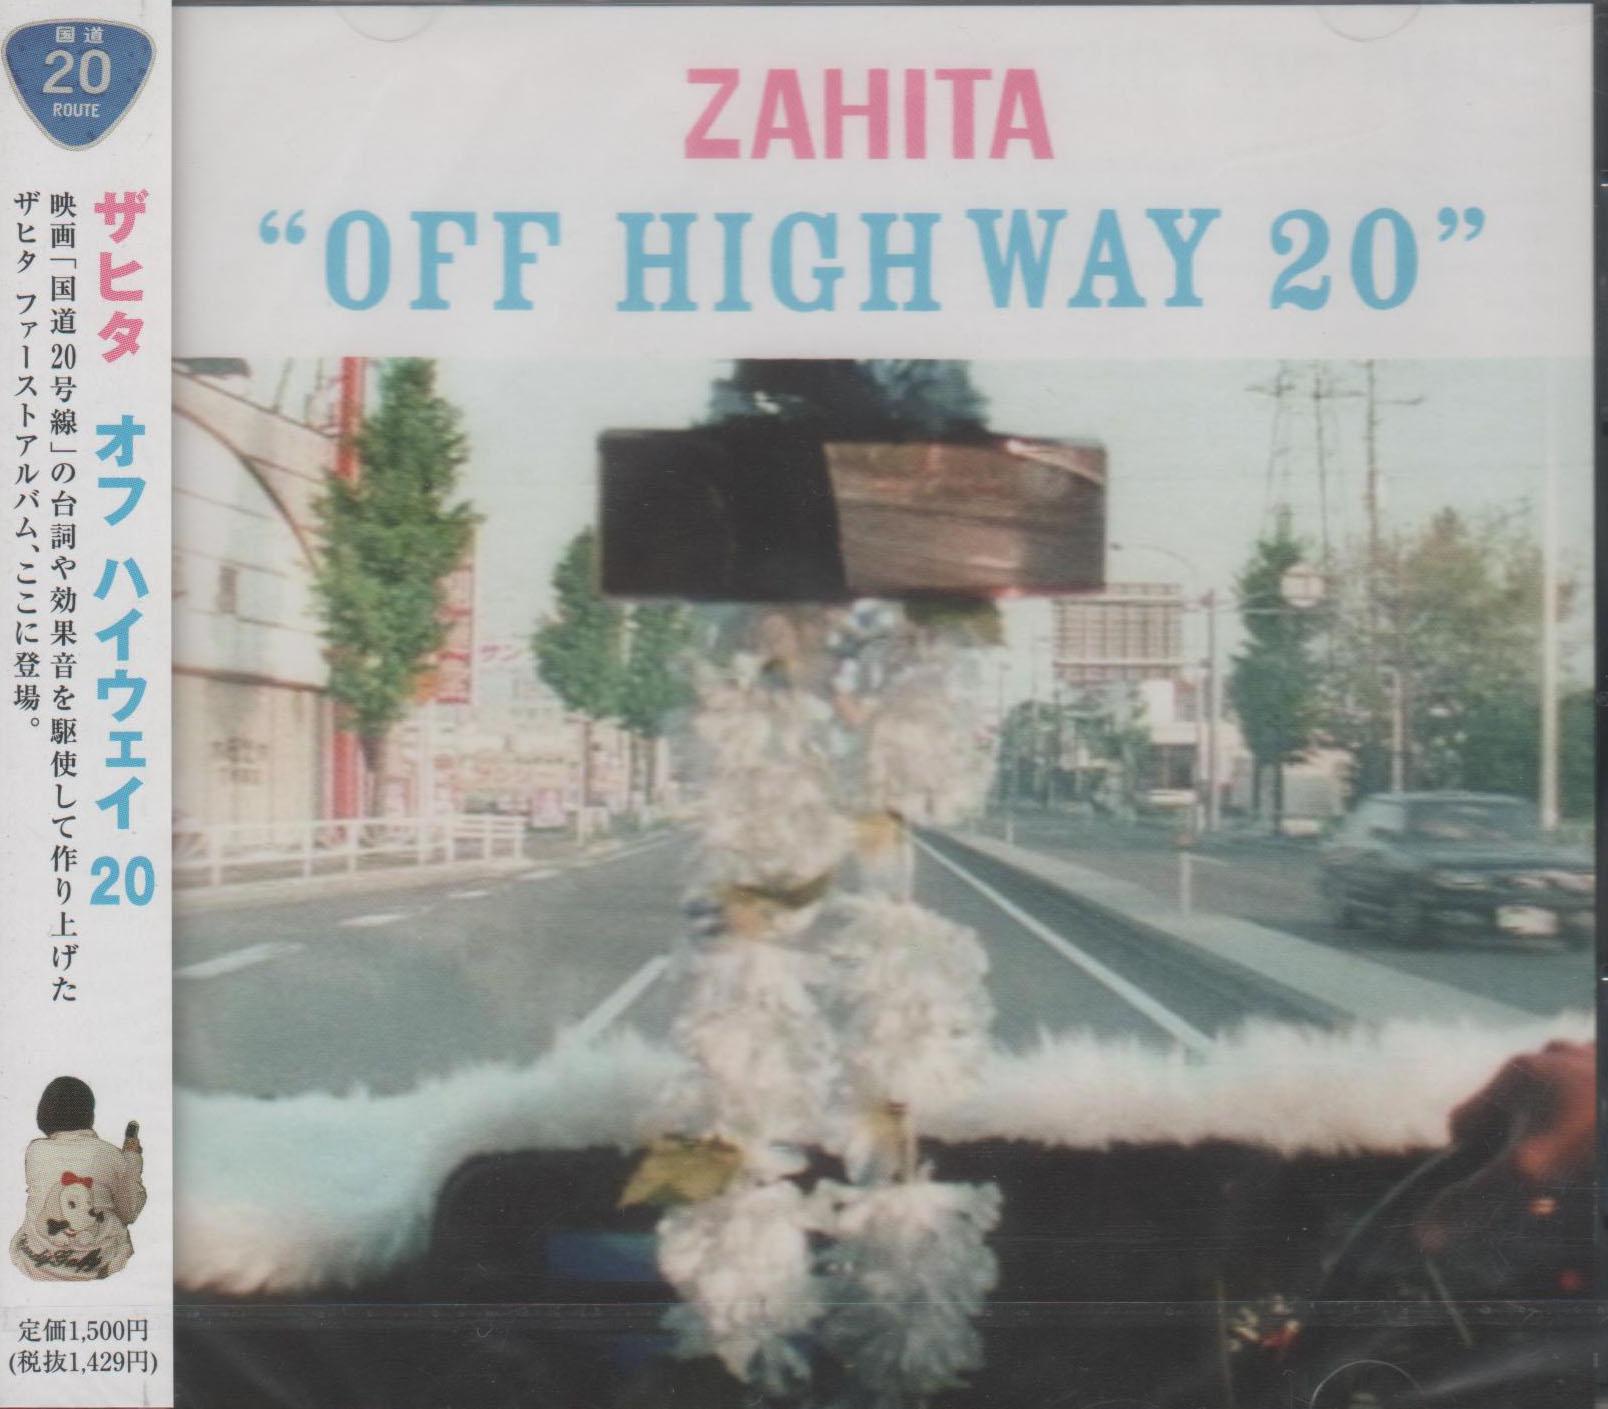 CD-ZAHITA-001